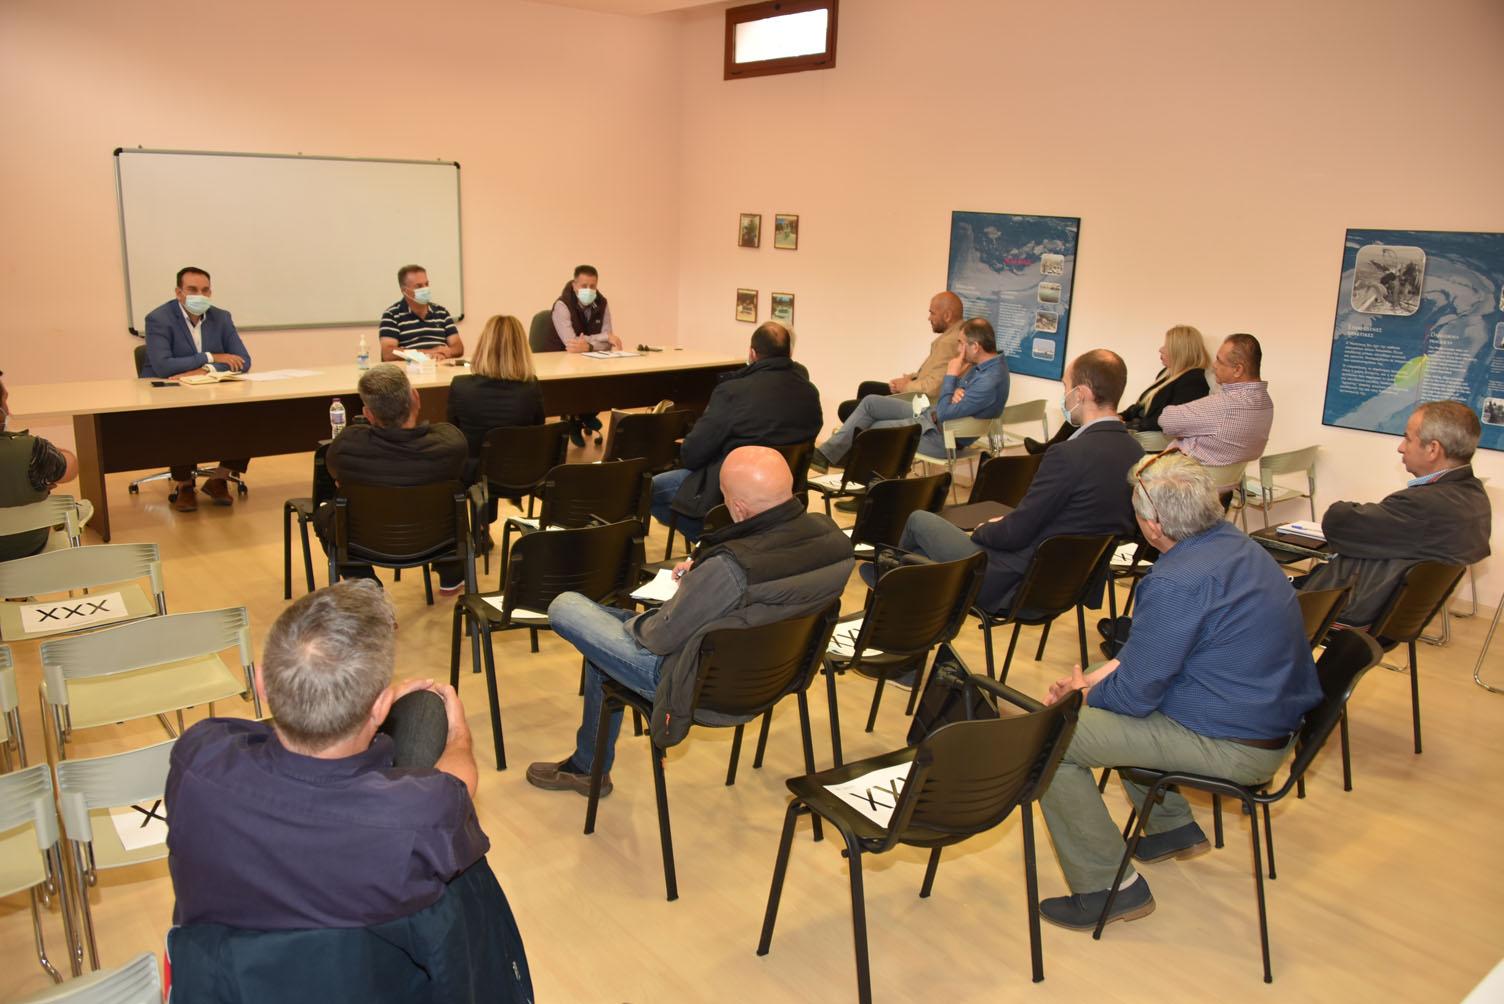 Δήμος Νέας Προποντίδας   Λειτουργία των επιχειρήσεων στους Δήμους και λήψη απαραίτητων μέτρων λόγω κορωνοϊού - Covid19